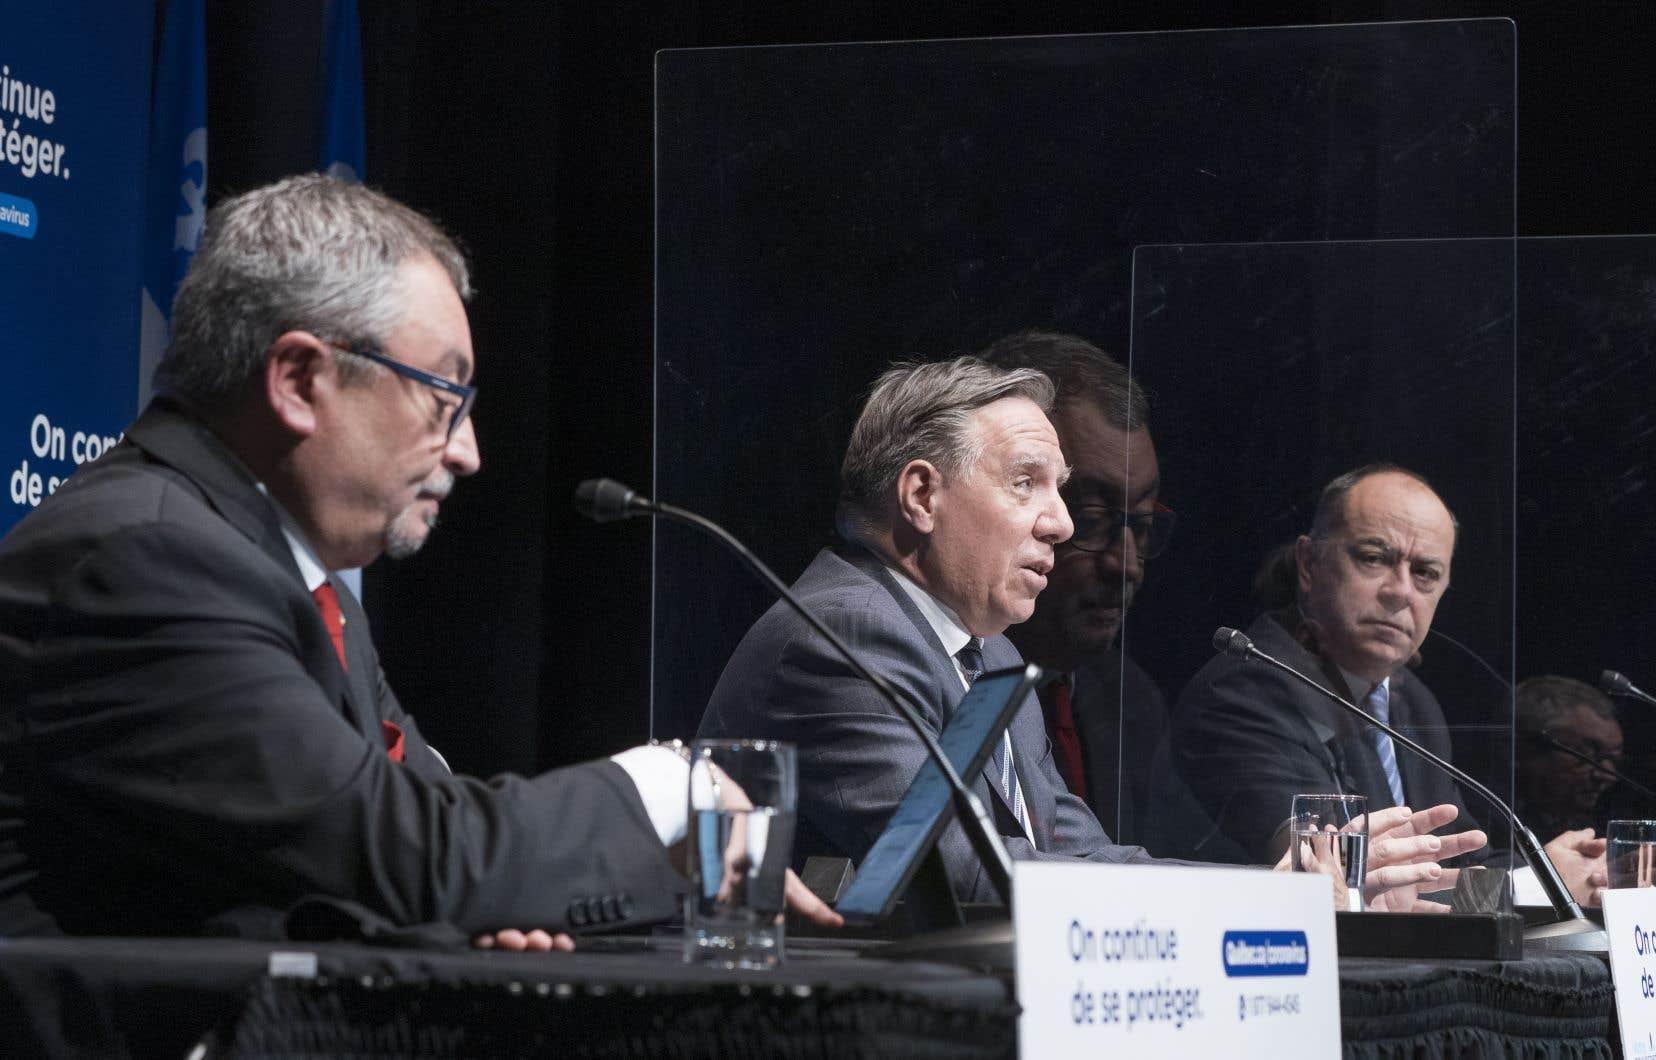 «Il est temps pour le cabinet du premier ministre Legault de se recentrer et de poser toutes les actions nécessaires pour accélérer la campagne de vaccination contre la COVID-19», écrit l'auteur.